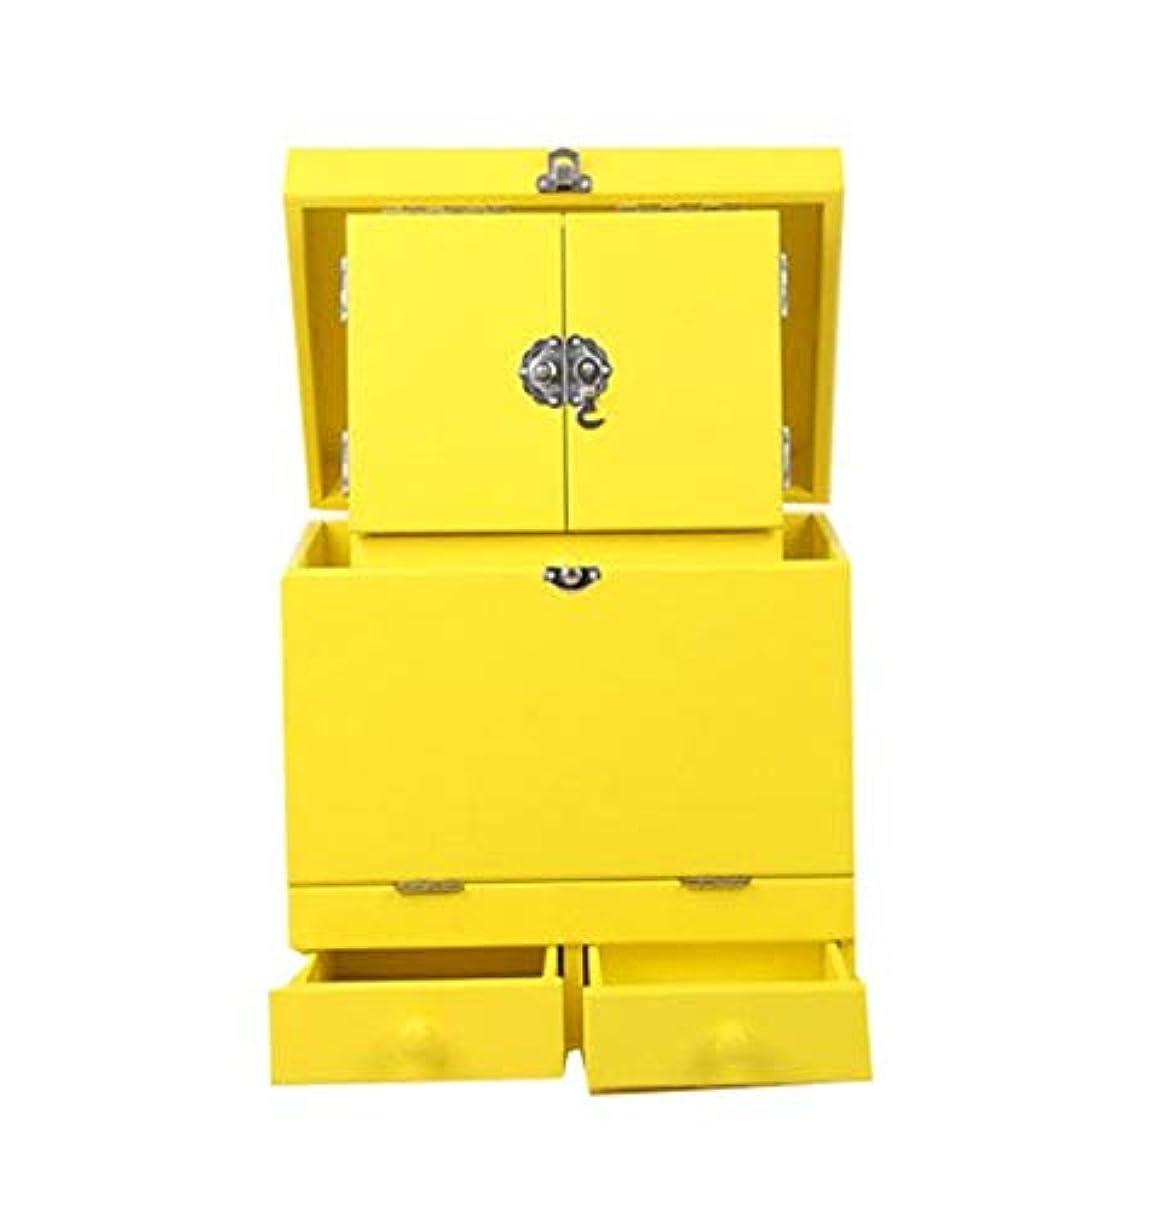 ハング収まる降下化粧箱、黄色のダブルデッカーヴィンテージ木製彫刻が施された化粧ケース、ミラー、高級ウェディングギフト、新築祝いギフト、美容ネイルジュエリー収納ボックス